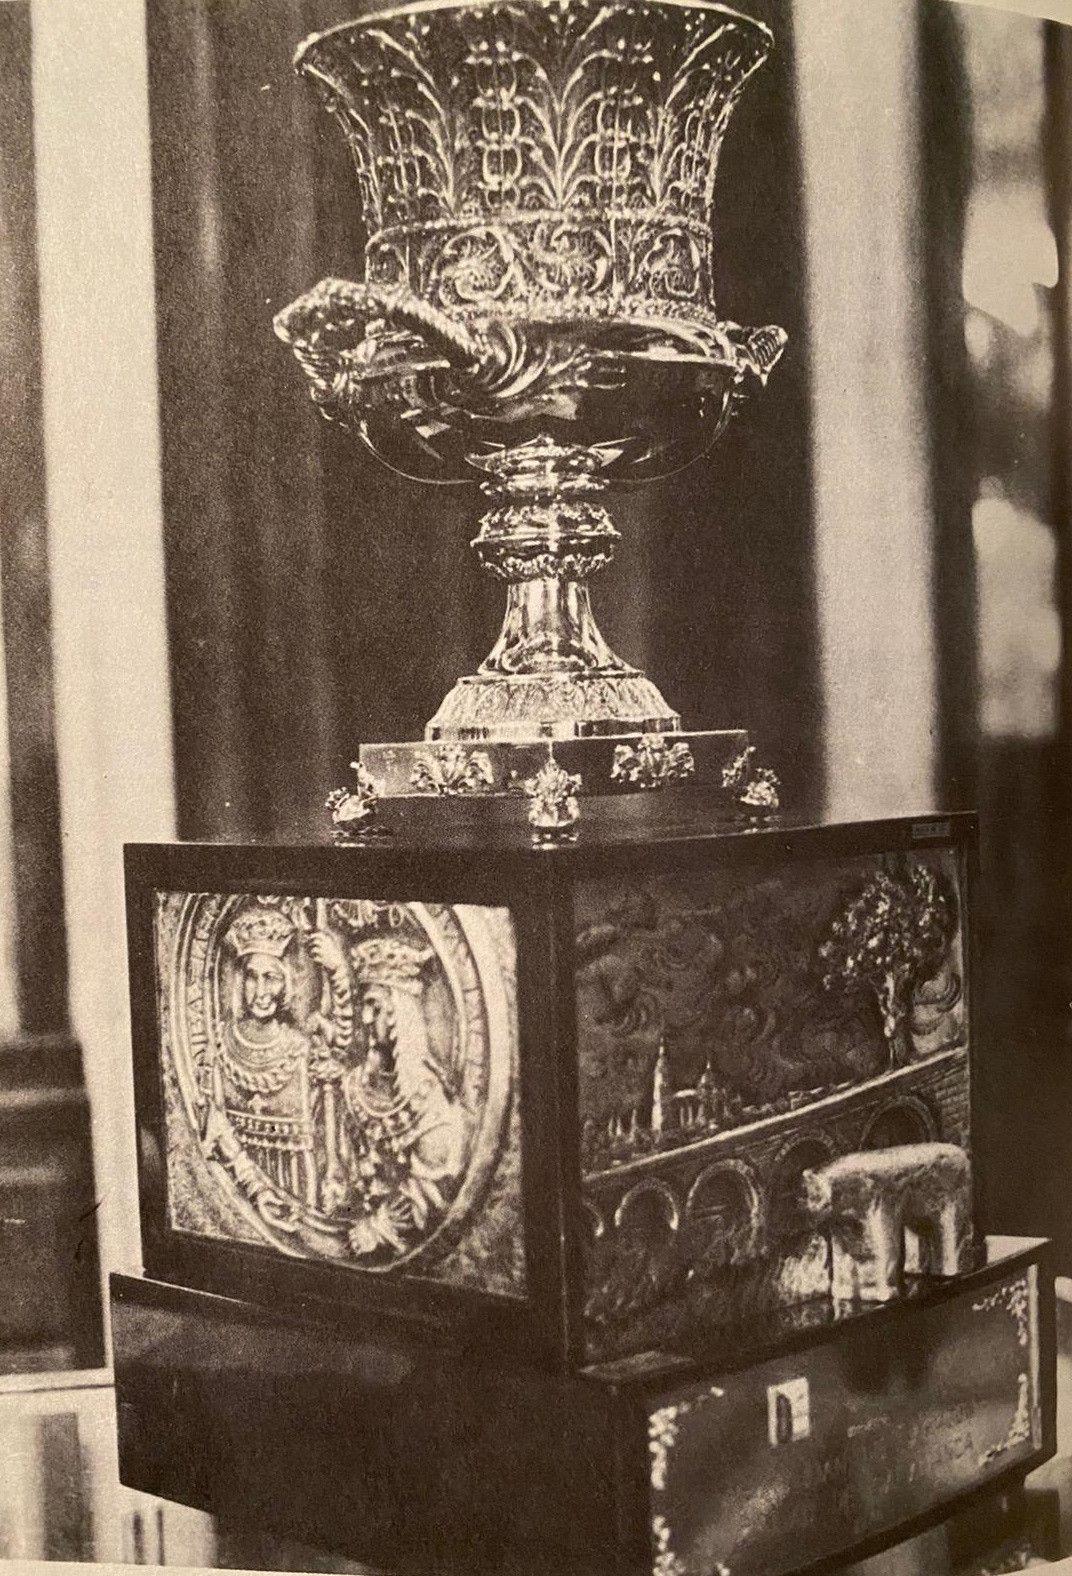 Supercopa Espau00f1a